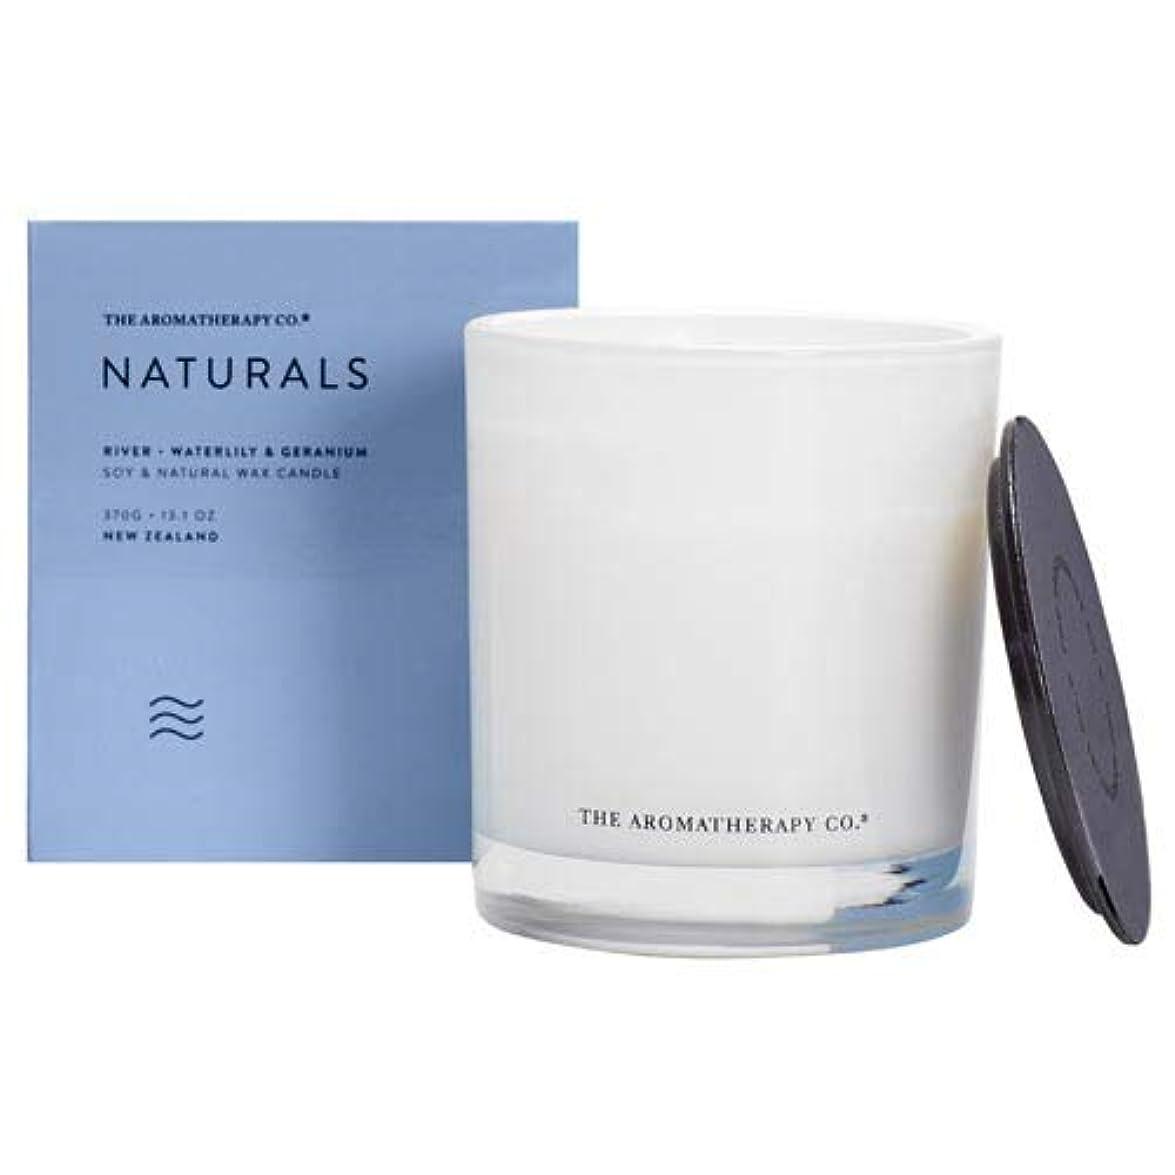 トークン危険にさらされているペーストアロマセラピーカンパニー(Aromatherapy Company) new NATURALS ナチュラルズ Candle キャンドル River リバー(川) Waterlily & Geranium ウォーターリリー...